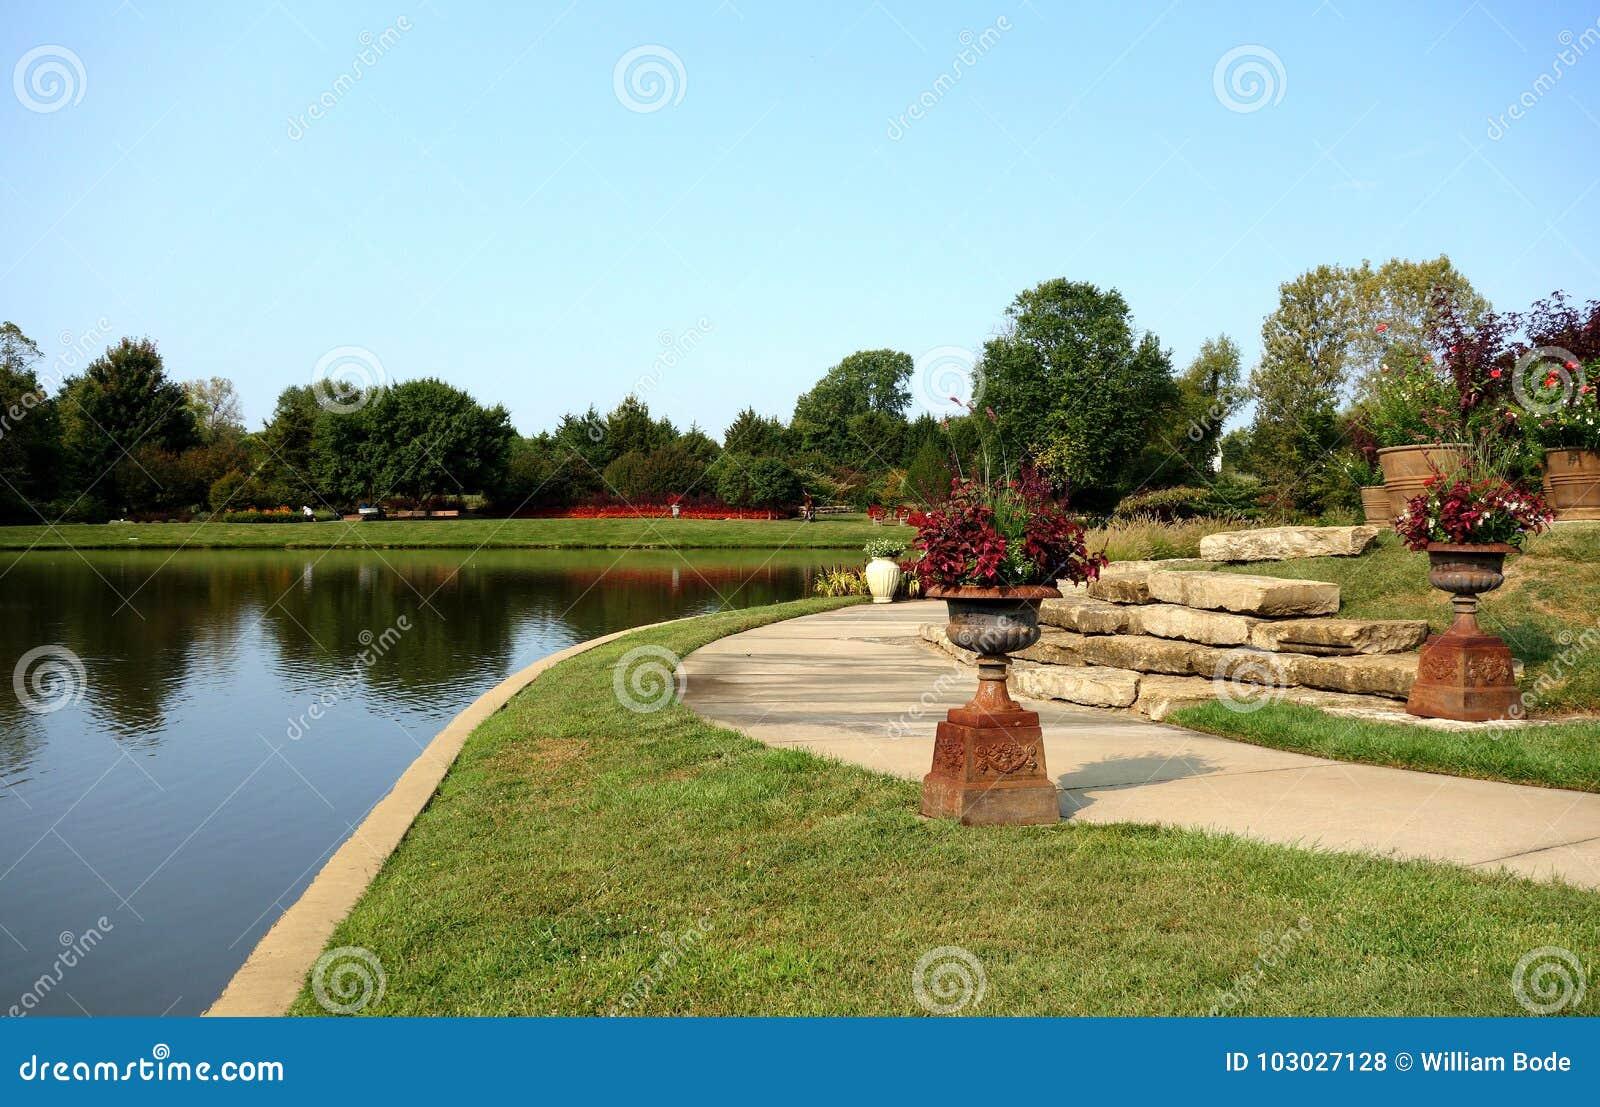 Λίμνη στο δενδρολογικό κήπο Overland Park